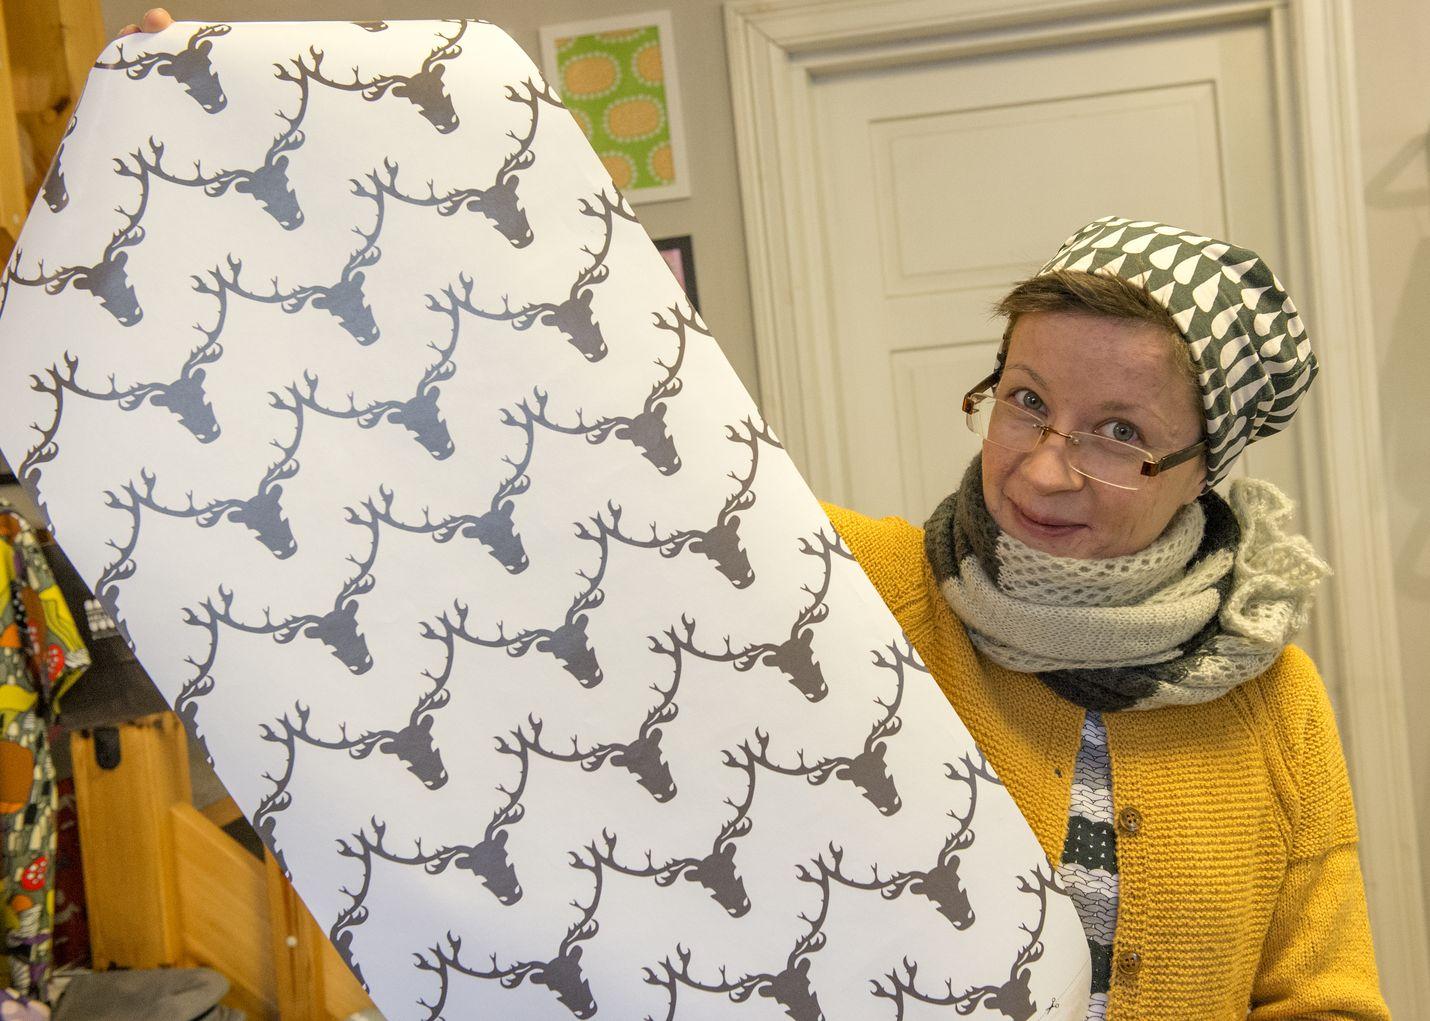 Rovaniemeltä kotoisin oleva Milona Sadekallion suunnittelemasta tapetista löytyy totta kai porokuvioita.